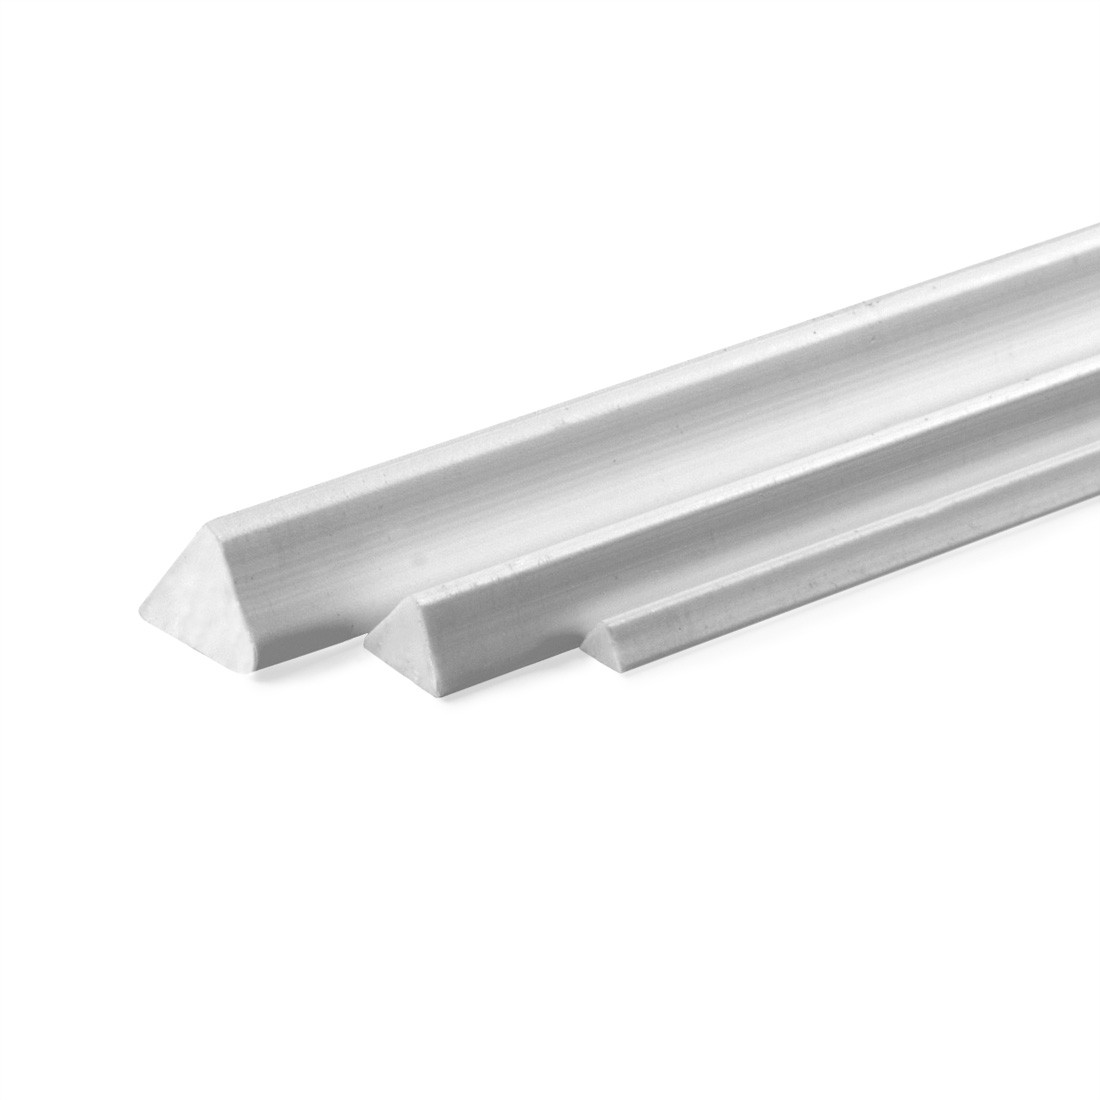 Profile ASA triangle 60° mm.6x1000